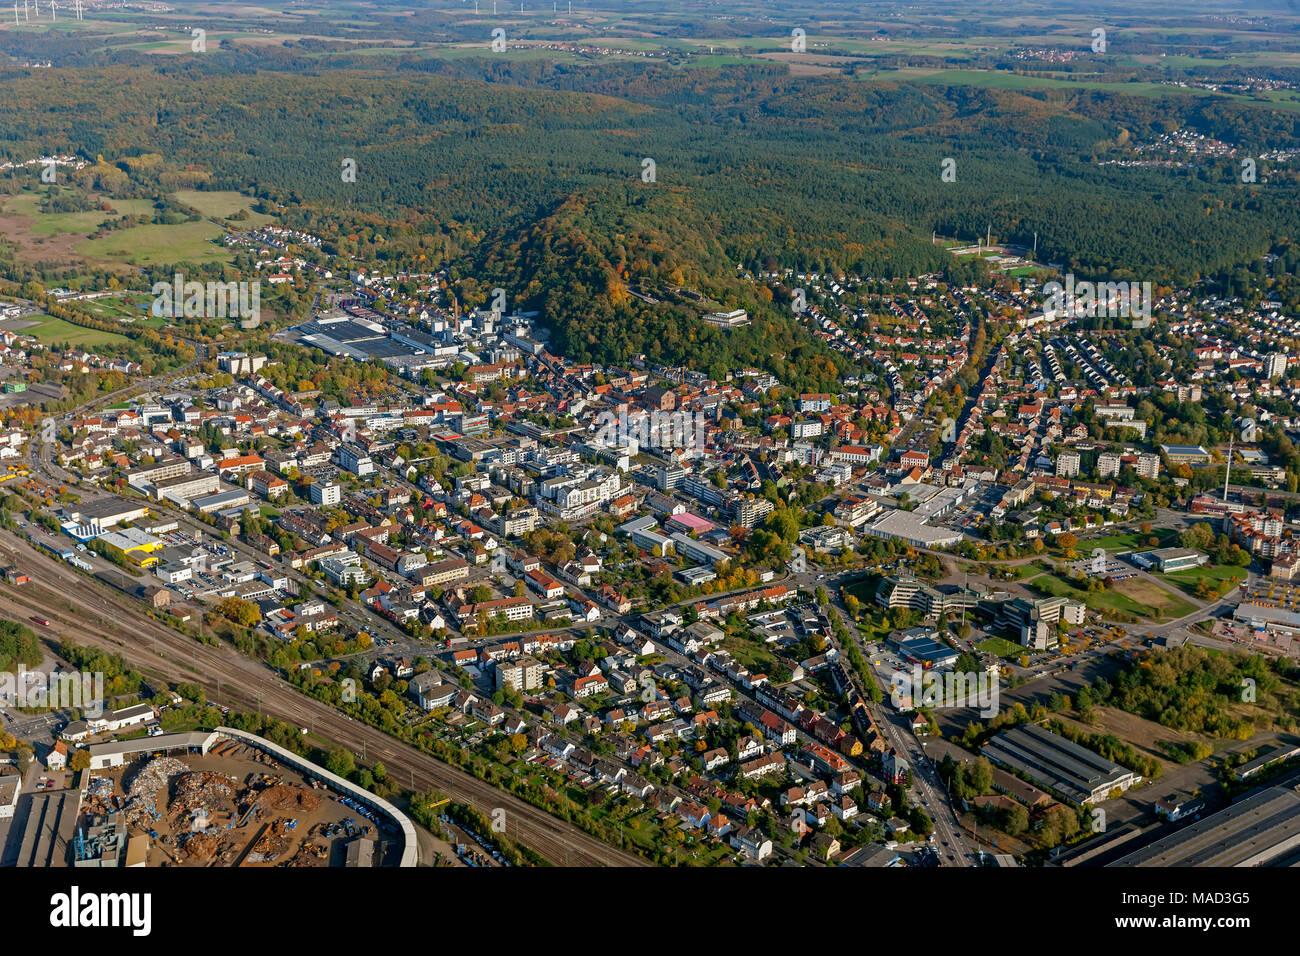 Homburg, Saarland, Deutschland, Europa, Luftbild, birds-eyes view, Luftaufnahme, Luftbildfotografie, Luftfotografie, overview, Uebersicht, Vogelperspe - Stock Image